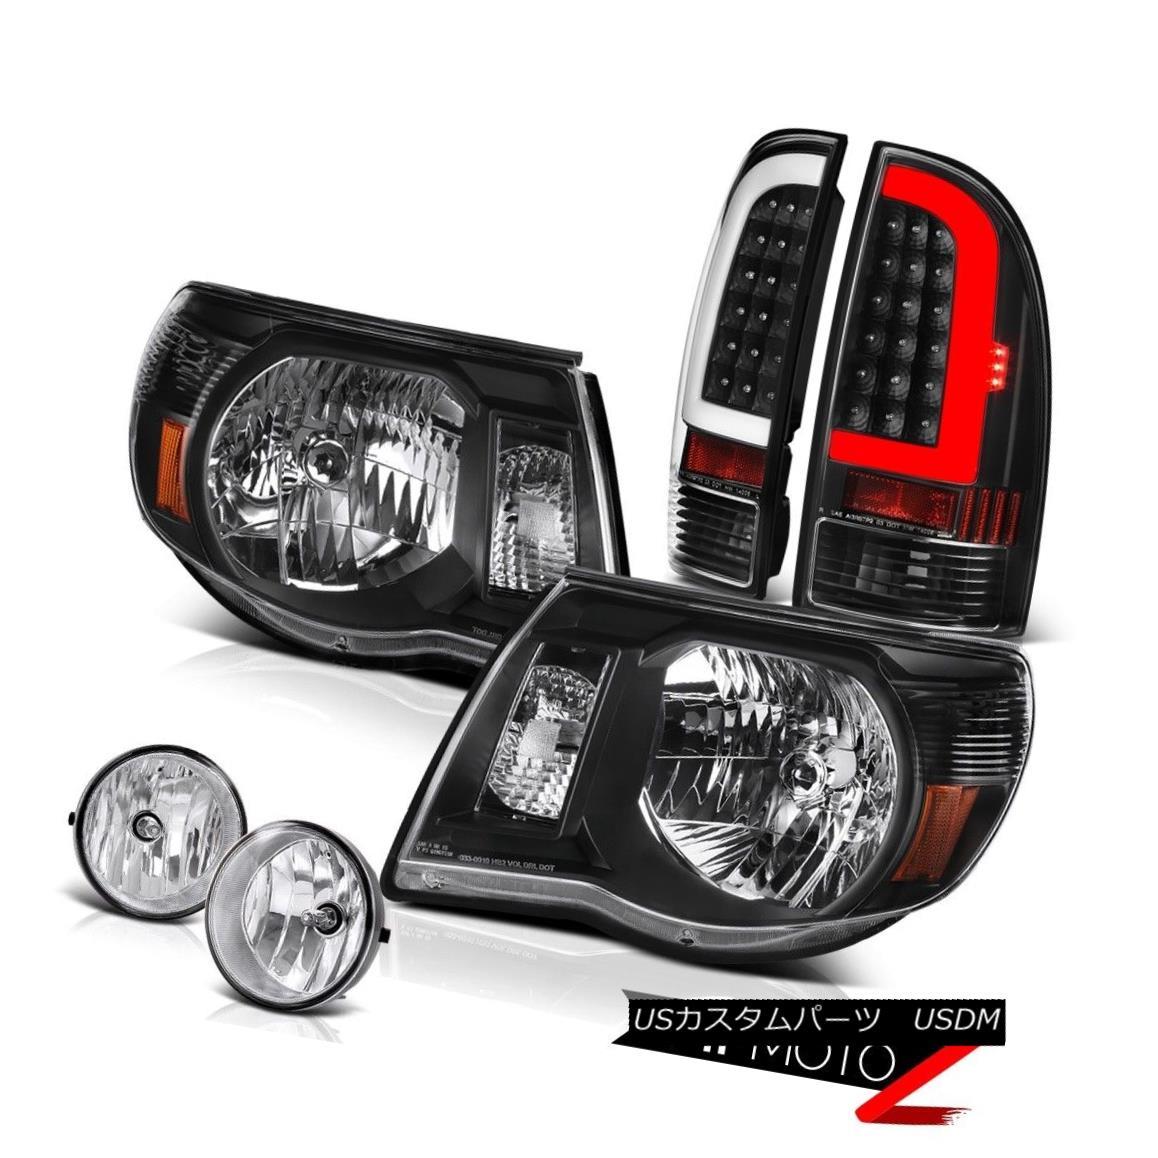 ヘッドライト 2005-2011 Toyota Tacoma Nighthawk Black Tail Head Lights Chrome Driving LH+RH 2005-2011トヨタタコマナイトホークブラックテールヘッドライトクロムドライビングLH + RH